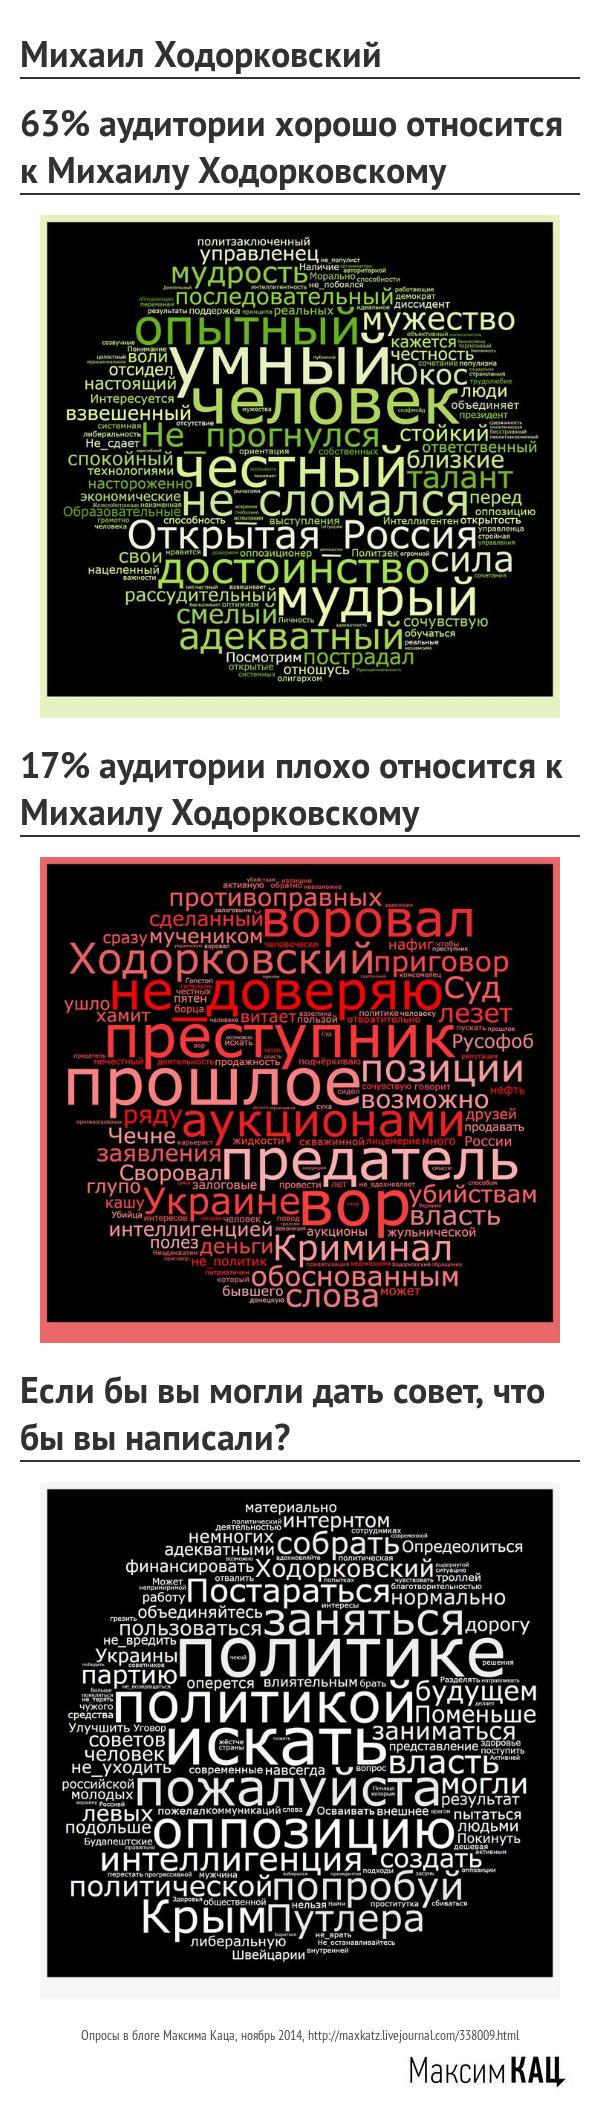 Mihail_Hodorkovskii